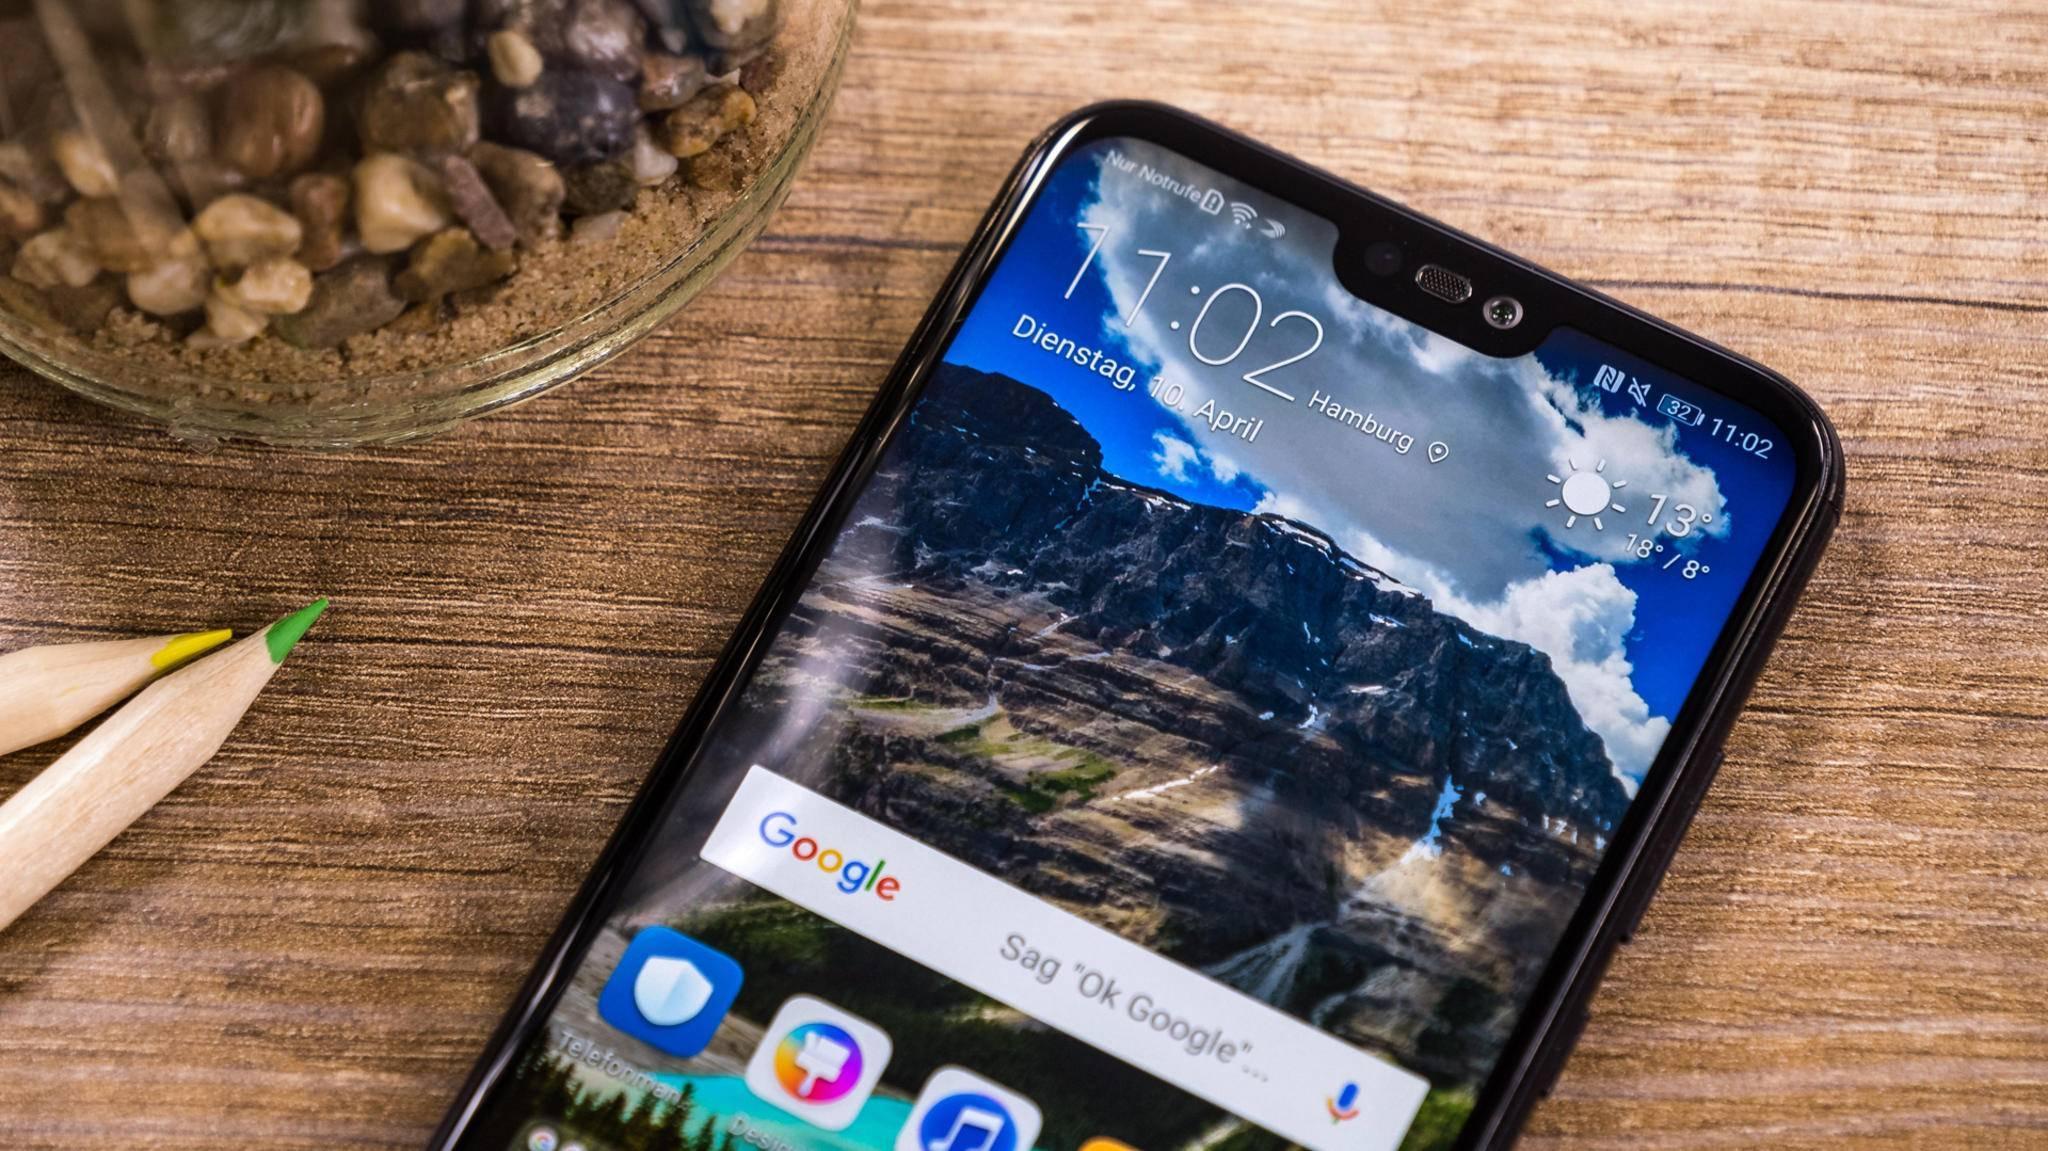 Der Ersatz für Android wird wohl HongMeng OS heißen und erste Geräte mit dem neuen Betriebssystem sollen schon im Oktober erscheinen.